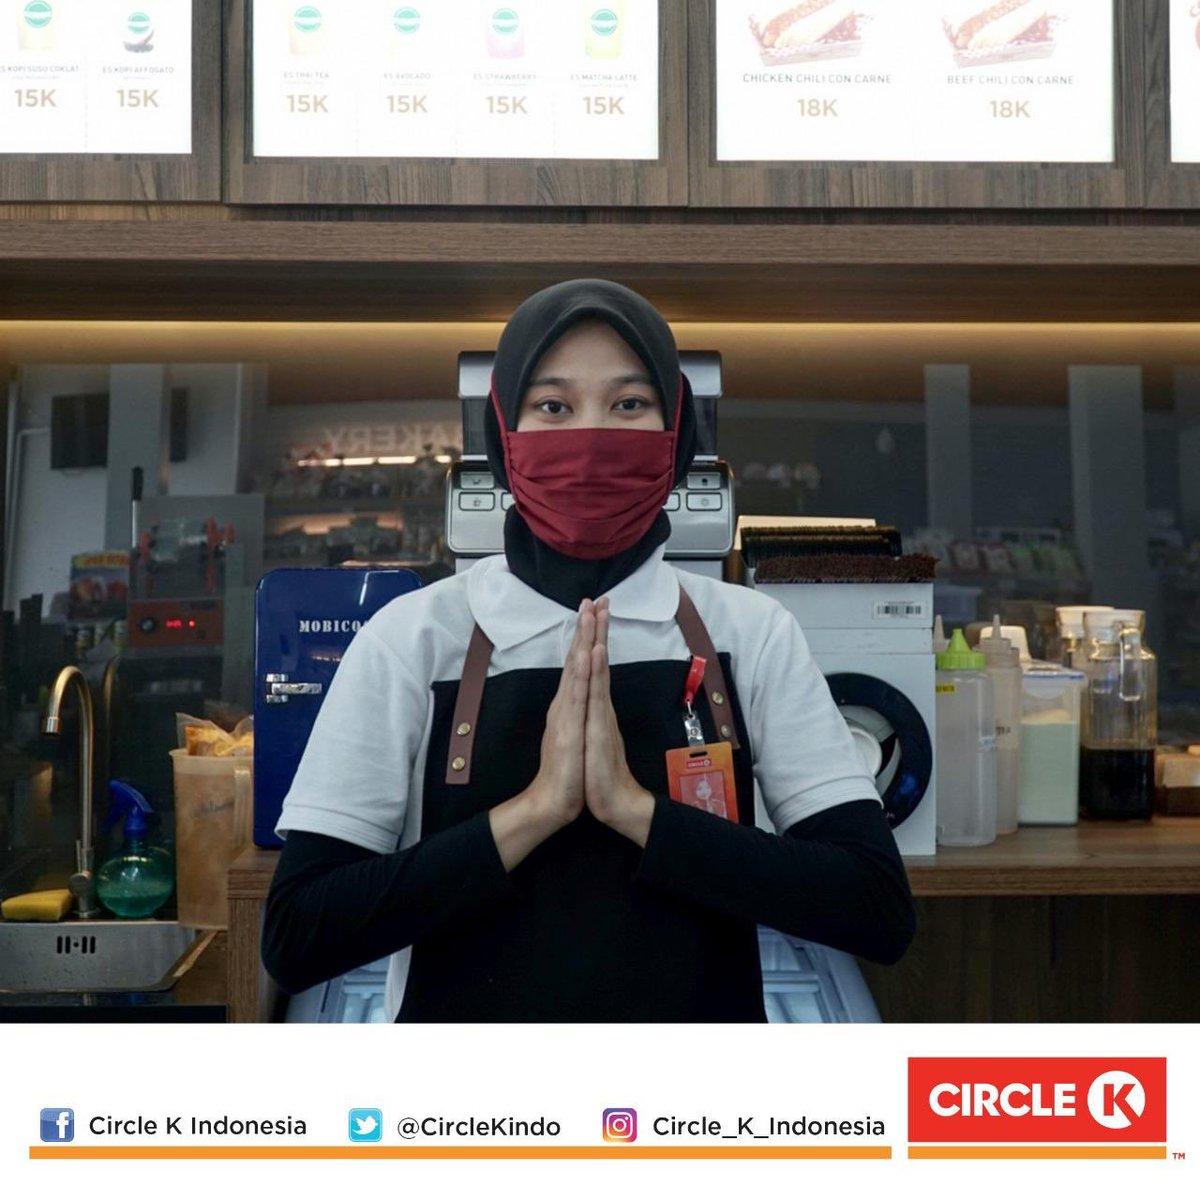 Selamat datang di CK Korner, kami selalu memberikan pelayanan terbaik untuk CK Friends tercinta pic.twitter.com/X5vpW7Caio